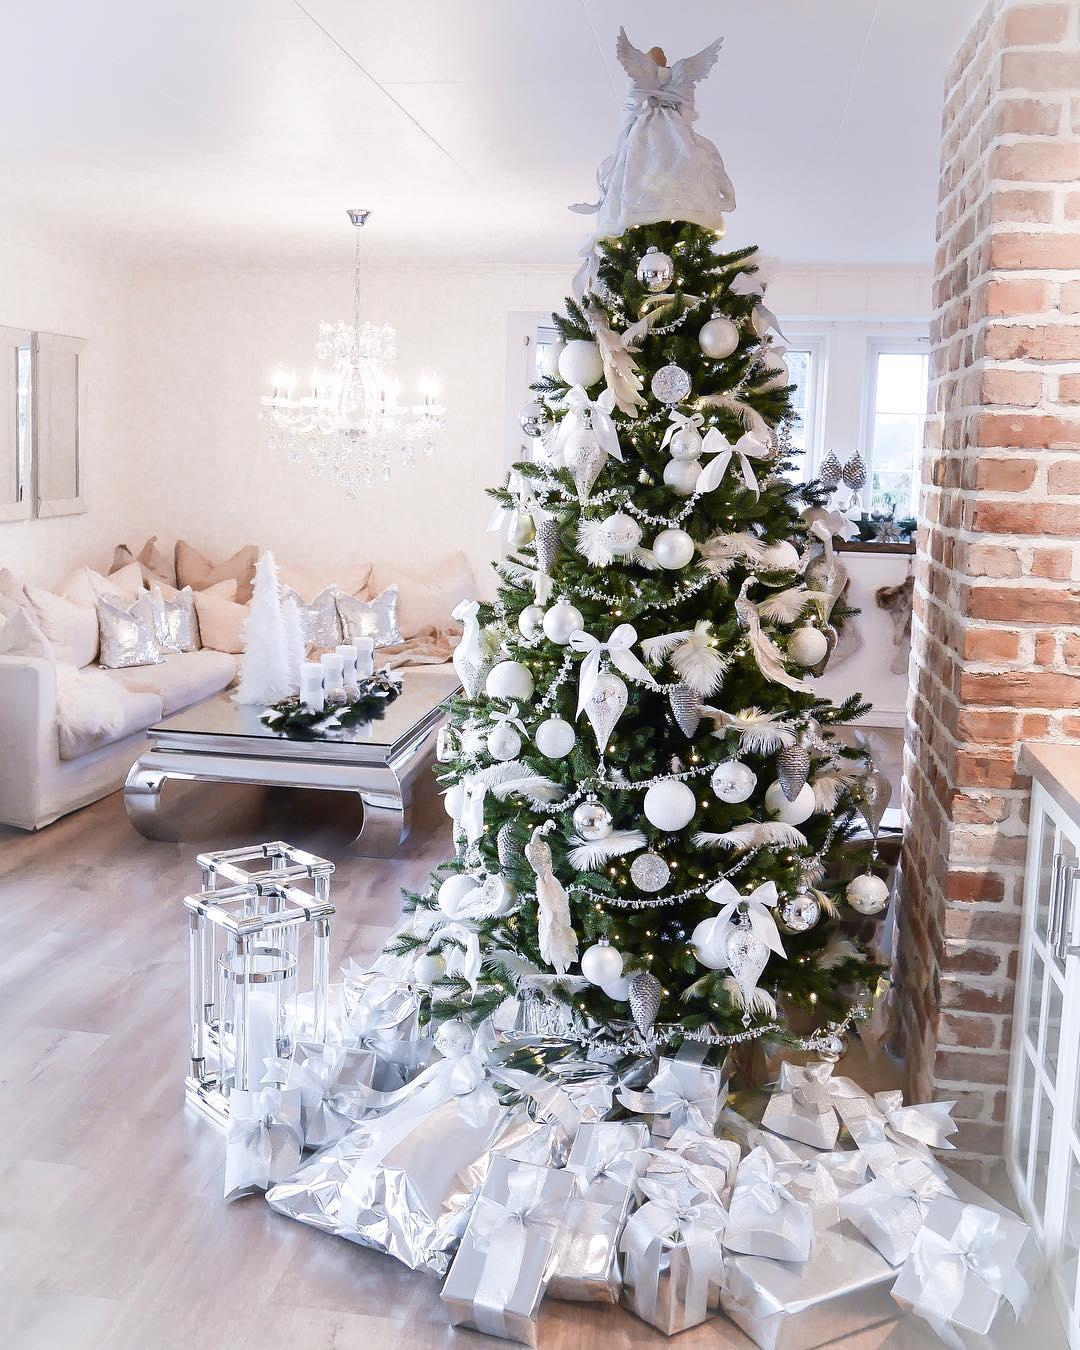 White Christmas Tree | jeanettkh on Instagram